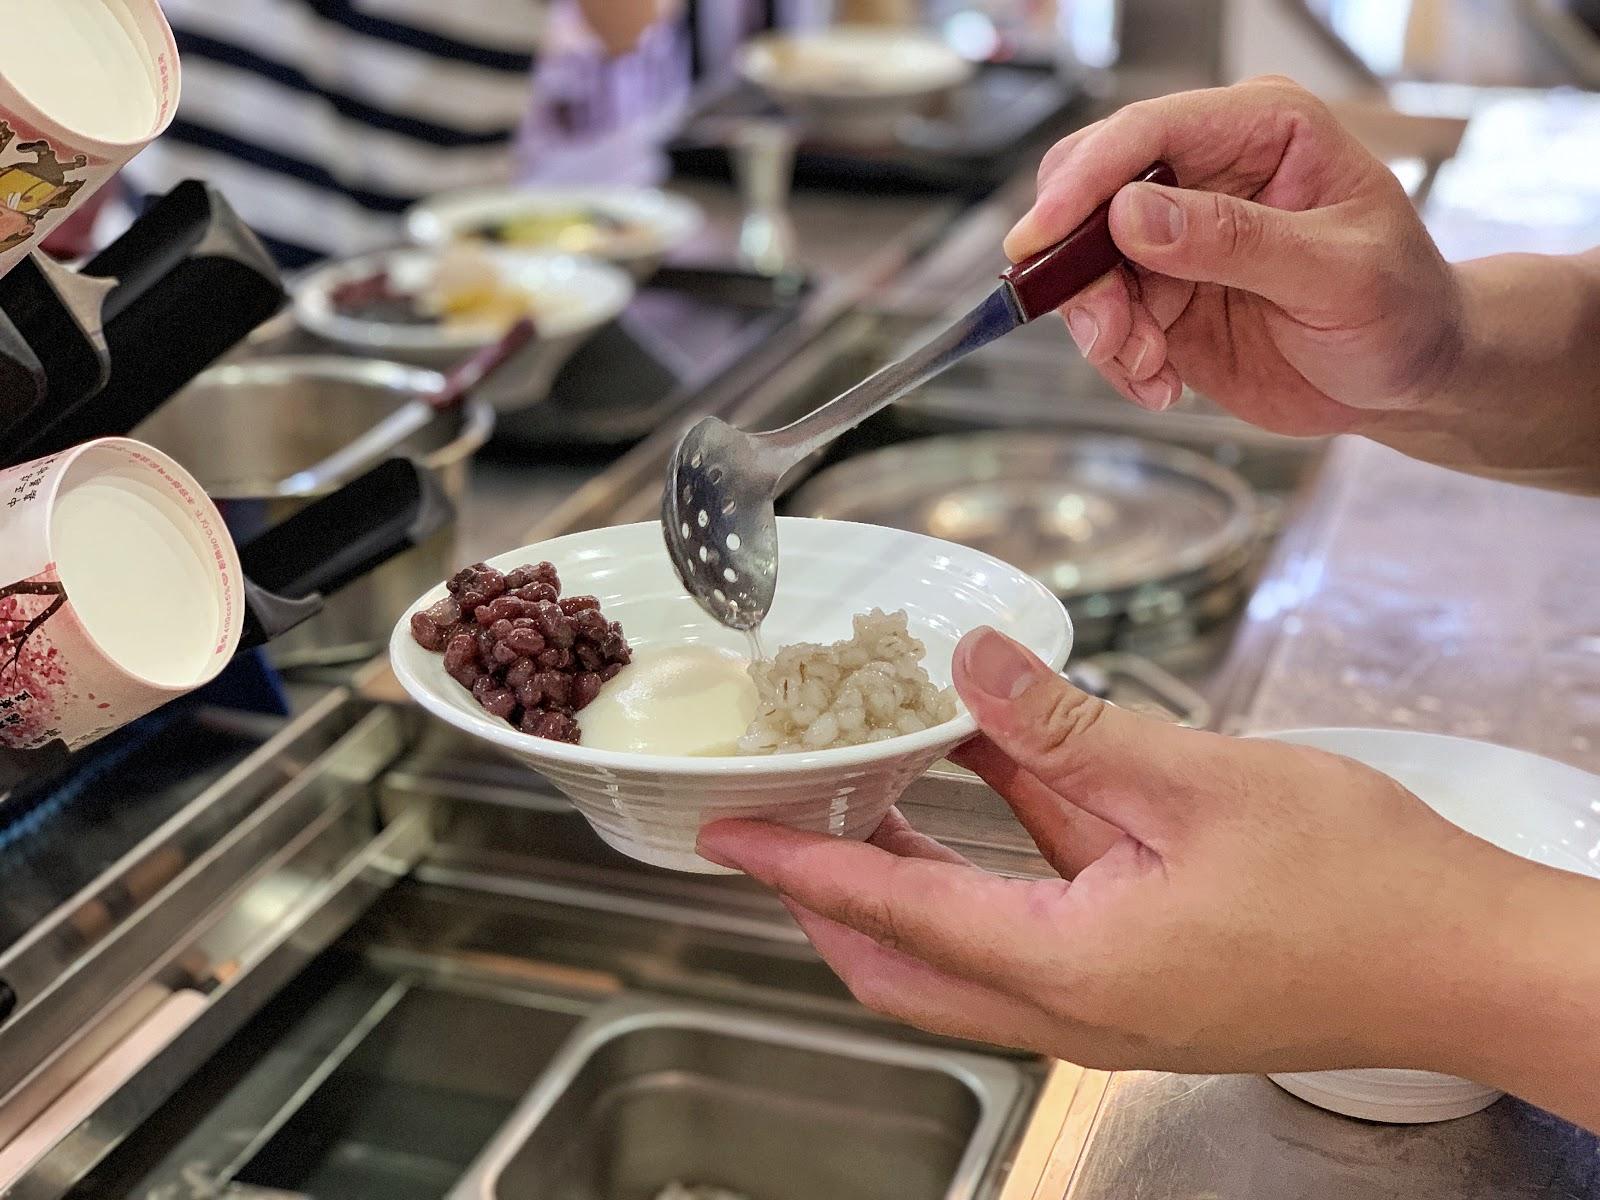 嘉義美食【嘉義品安豆漿豆花】小薏仁配料